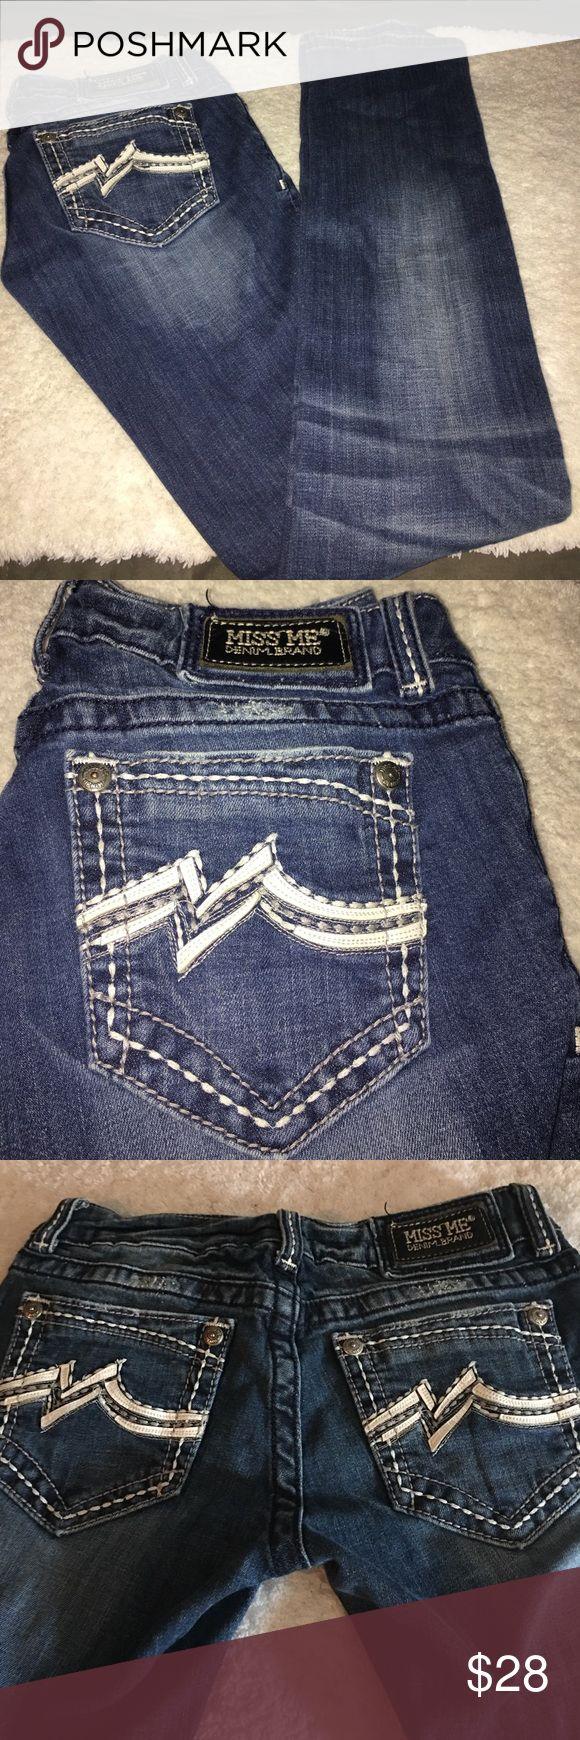 Miss me sz 27 straight jeans Miss me sz 27 straight jeans Miss Me Jeans Straight Leg